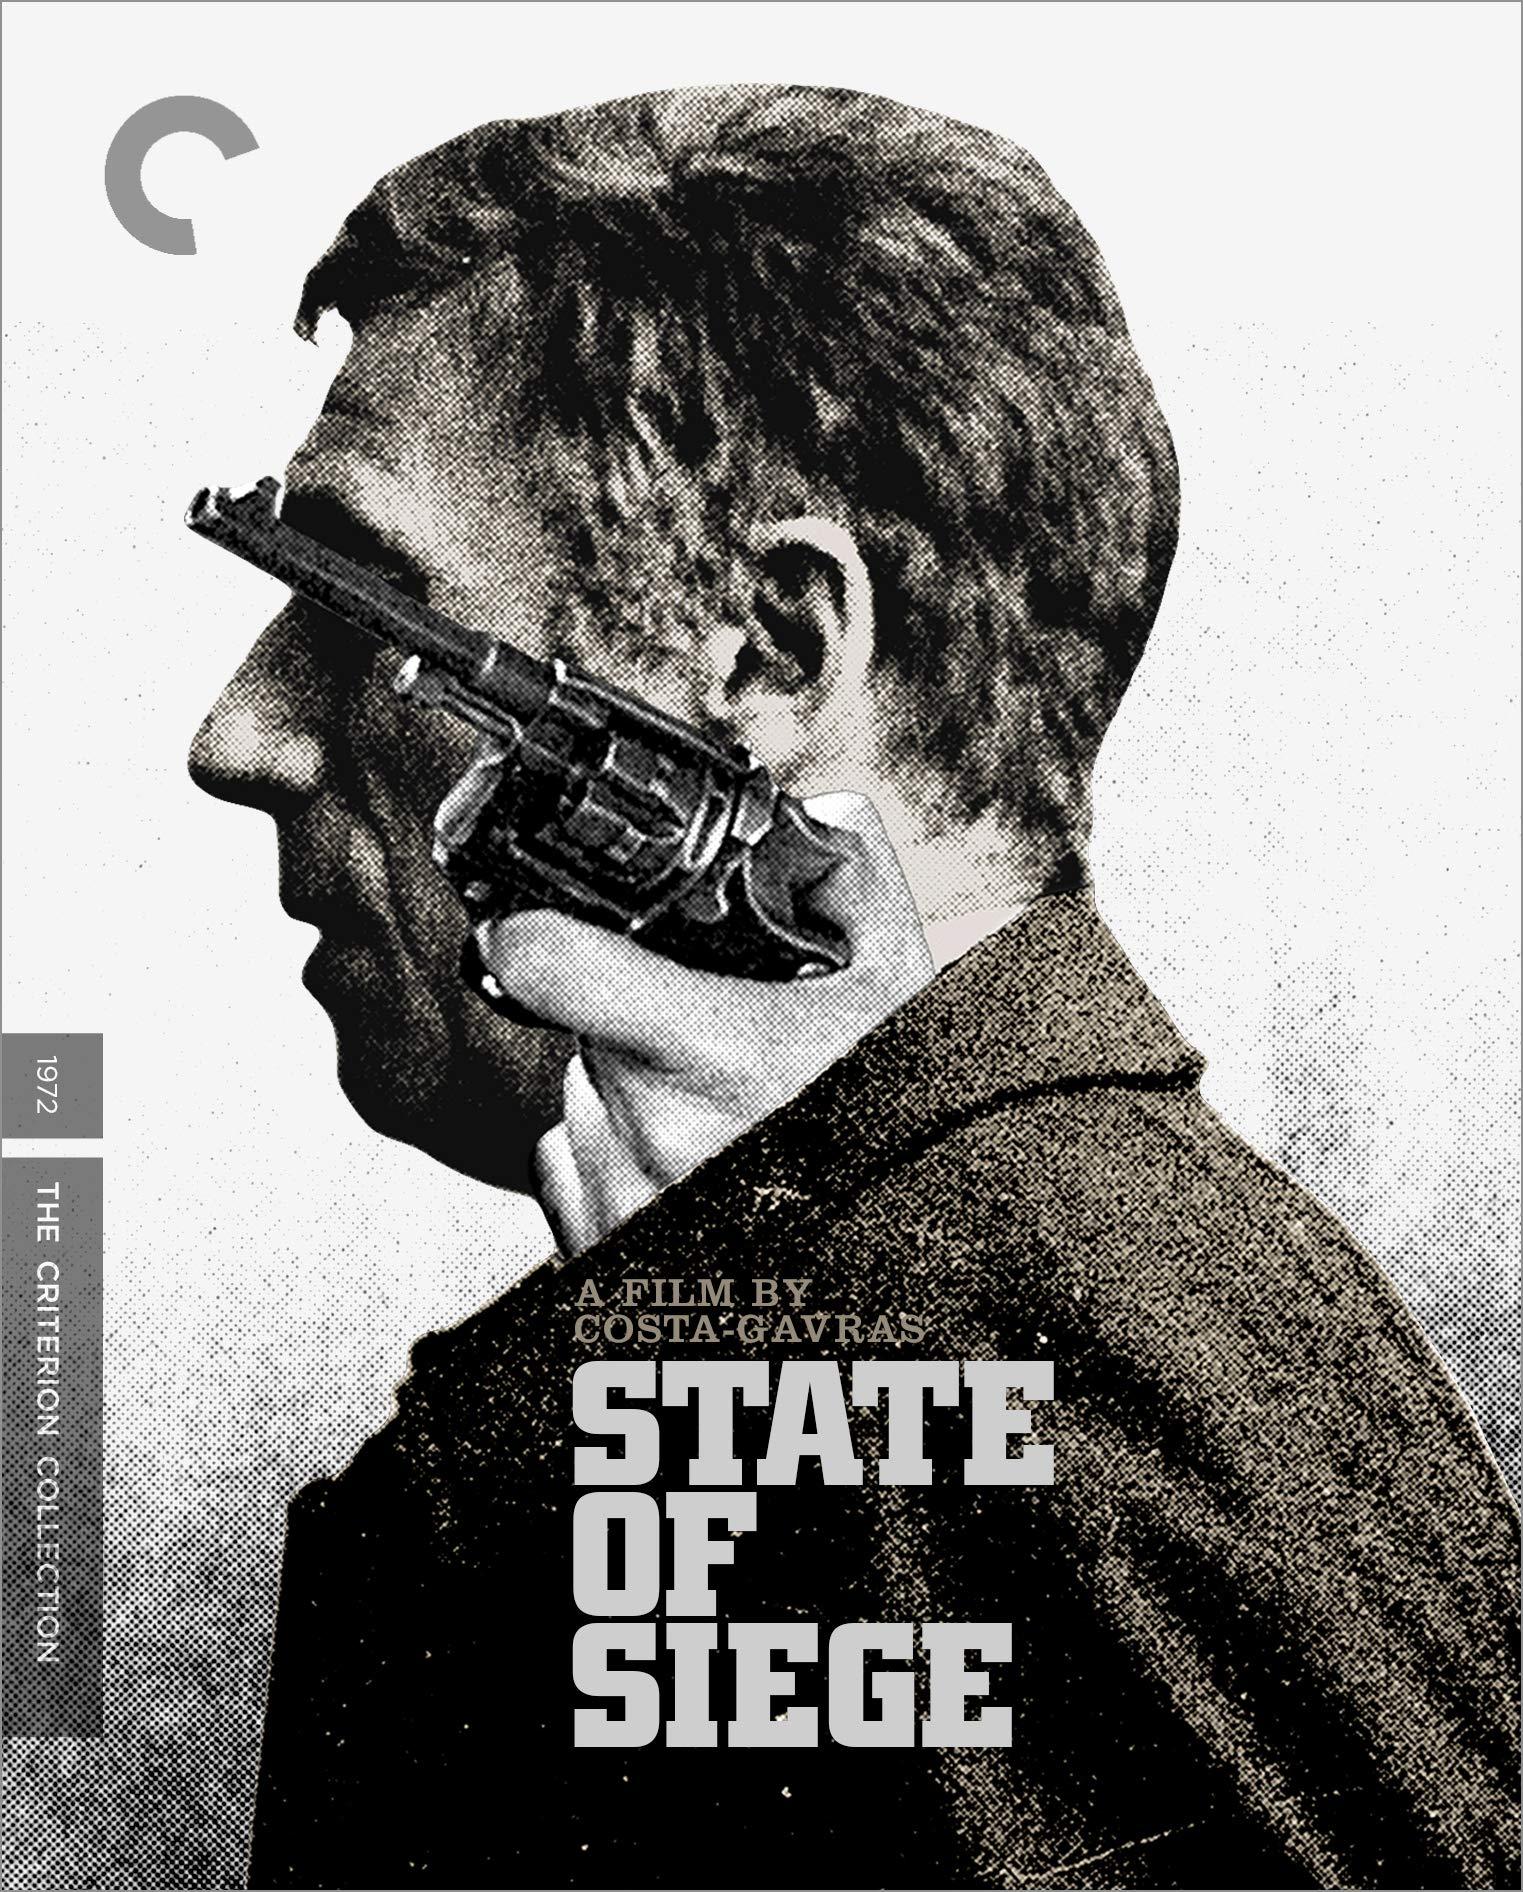 Осадное положение / État de siège / State of siege